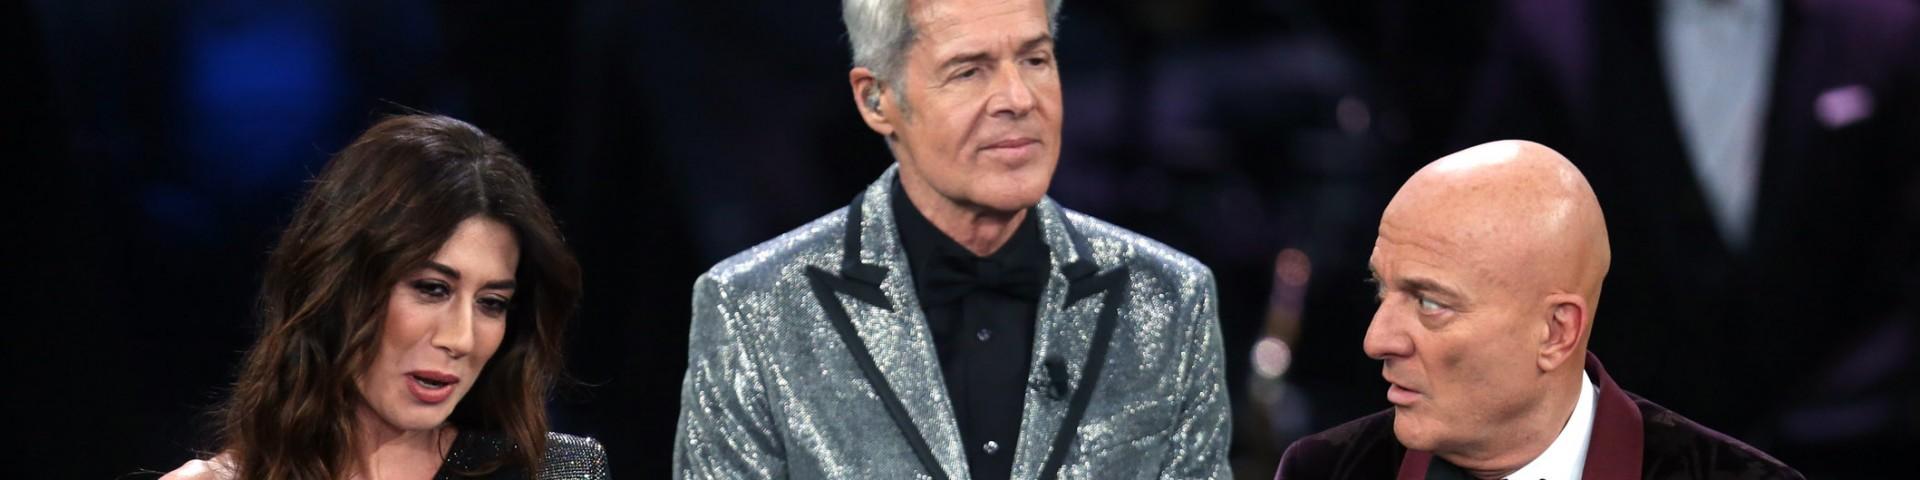 Sanremo 2019: il commento della finale